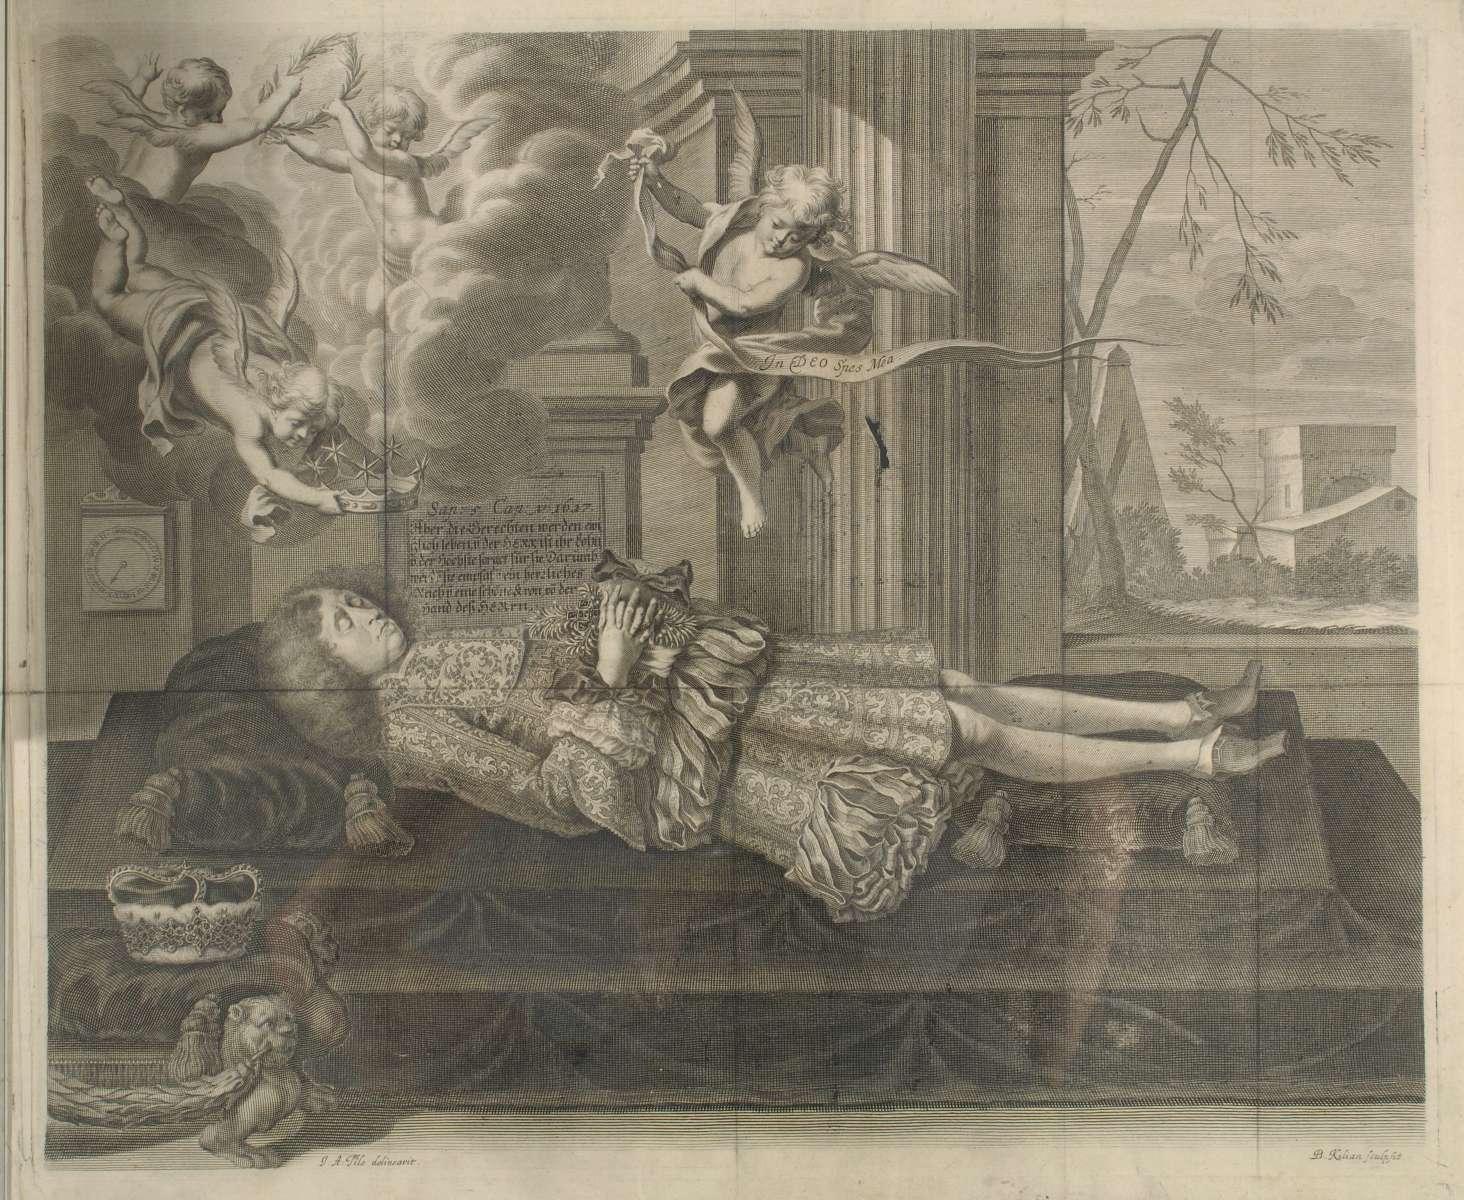 Leichenpredigten über Herzog Wilhelm Ludwig von Württemberg (geb. 7. Jan. 1647, gest. 23. Juni 1677, regierend 1674-1677), Bild 2